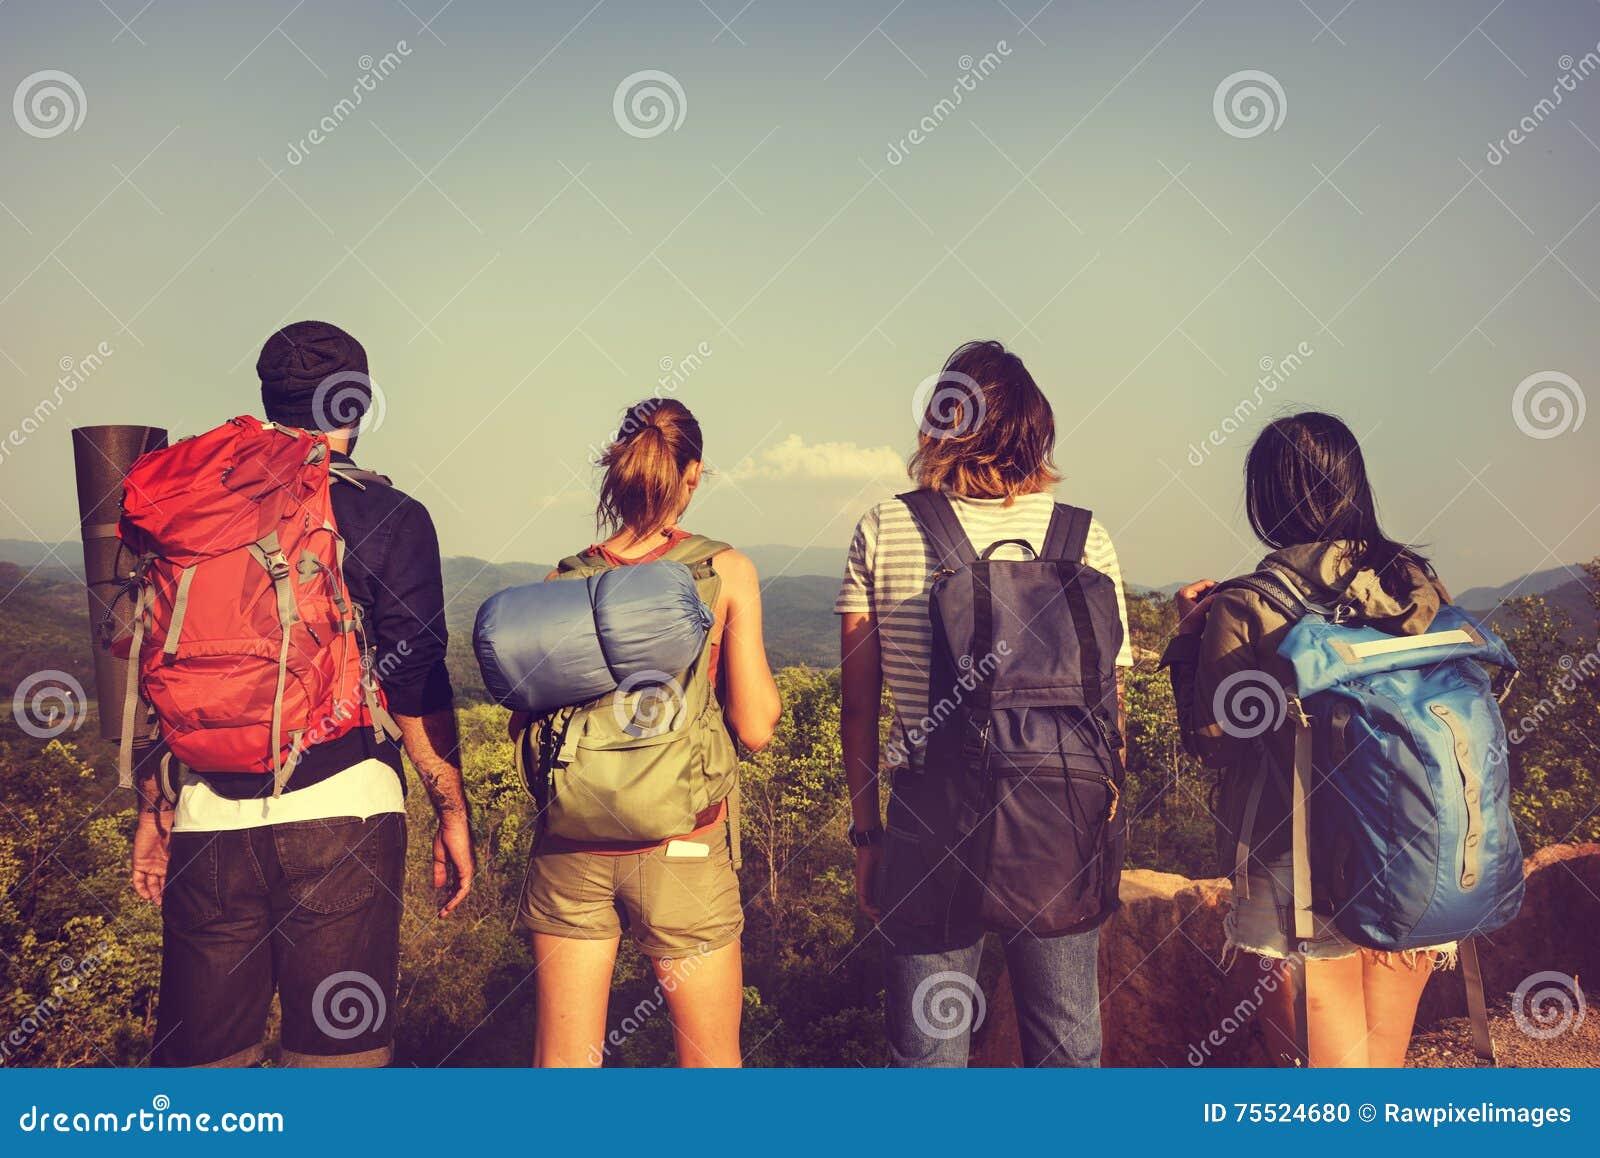 野营的背包徒步旅行者远足旅途旅行艰苦跋涉概念